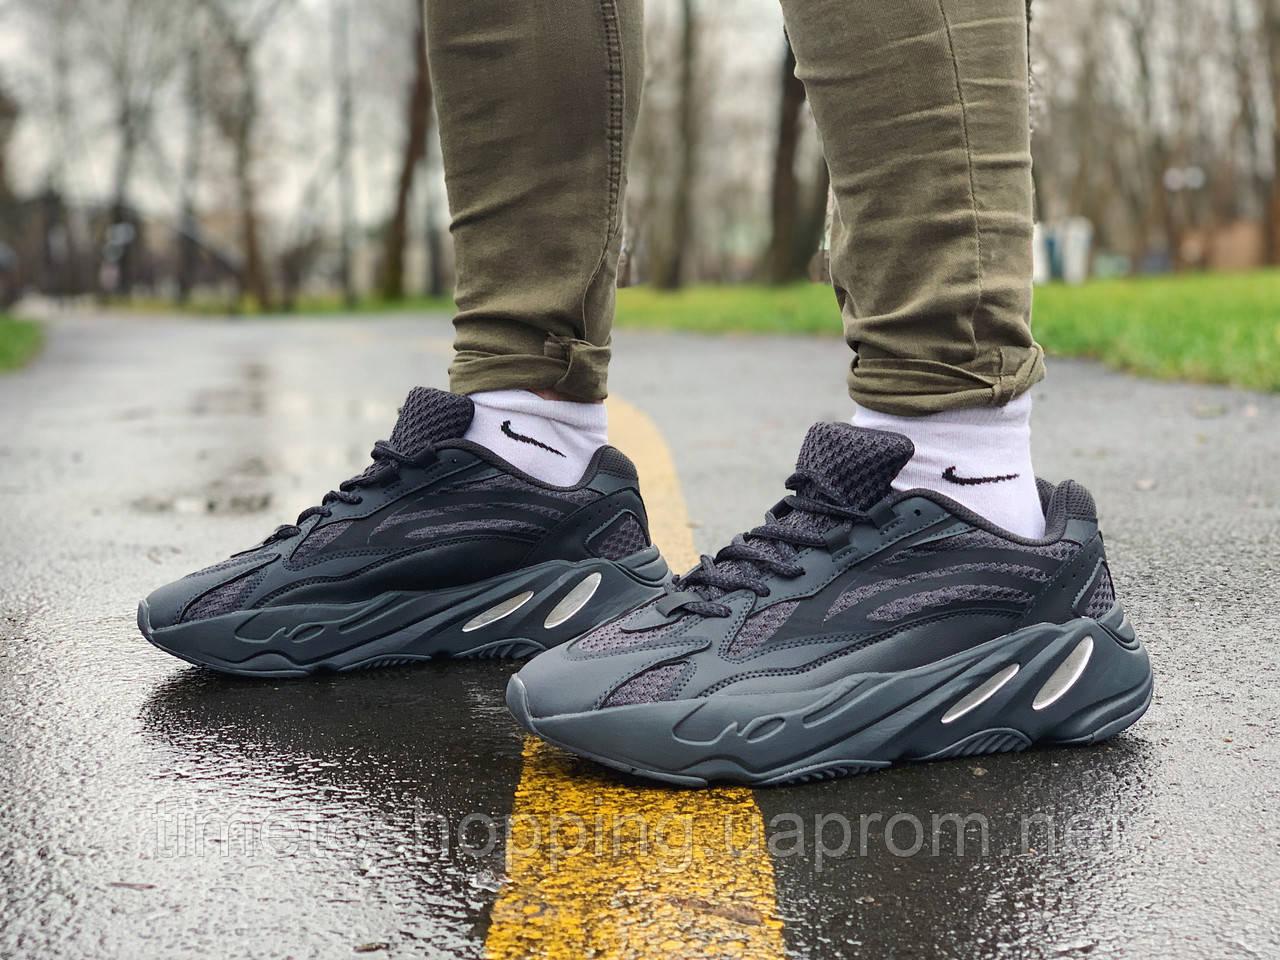 Мужские кроссовки натуральная кожа Adidas Yeezy Boost 700 V2 Адидас Изи Буст РАЗМЕР (41,45)